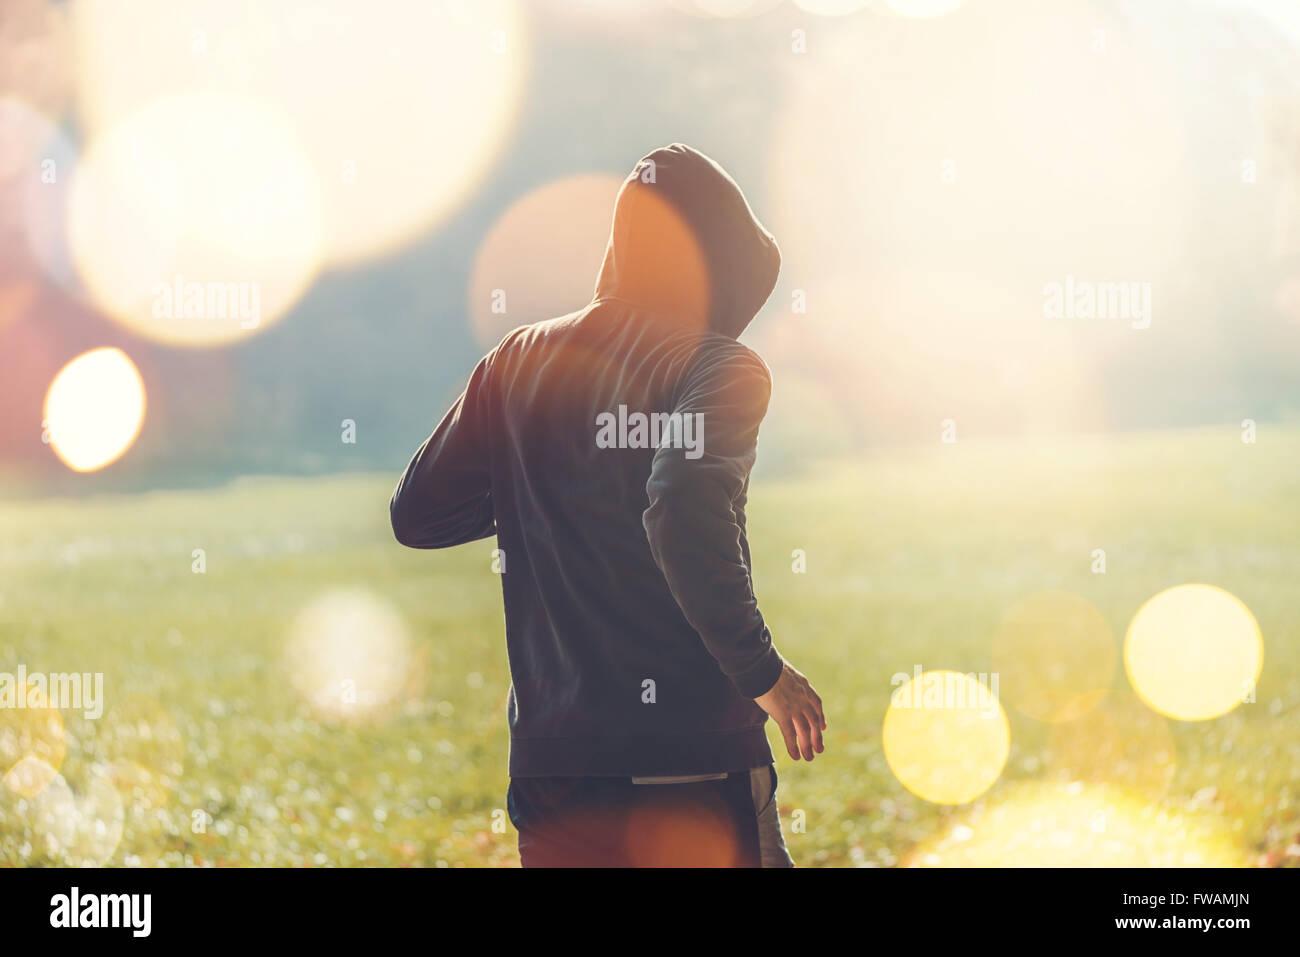 Nicht erkennbare vermummte Mann Joggen im Freien, gesunden Lebensstil Aktivität im Park in frühen Herbstmorgen, Stockbild